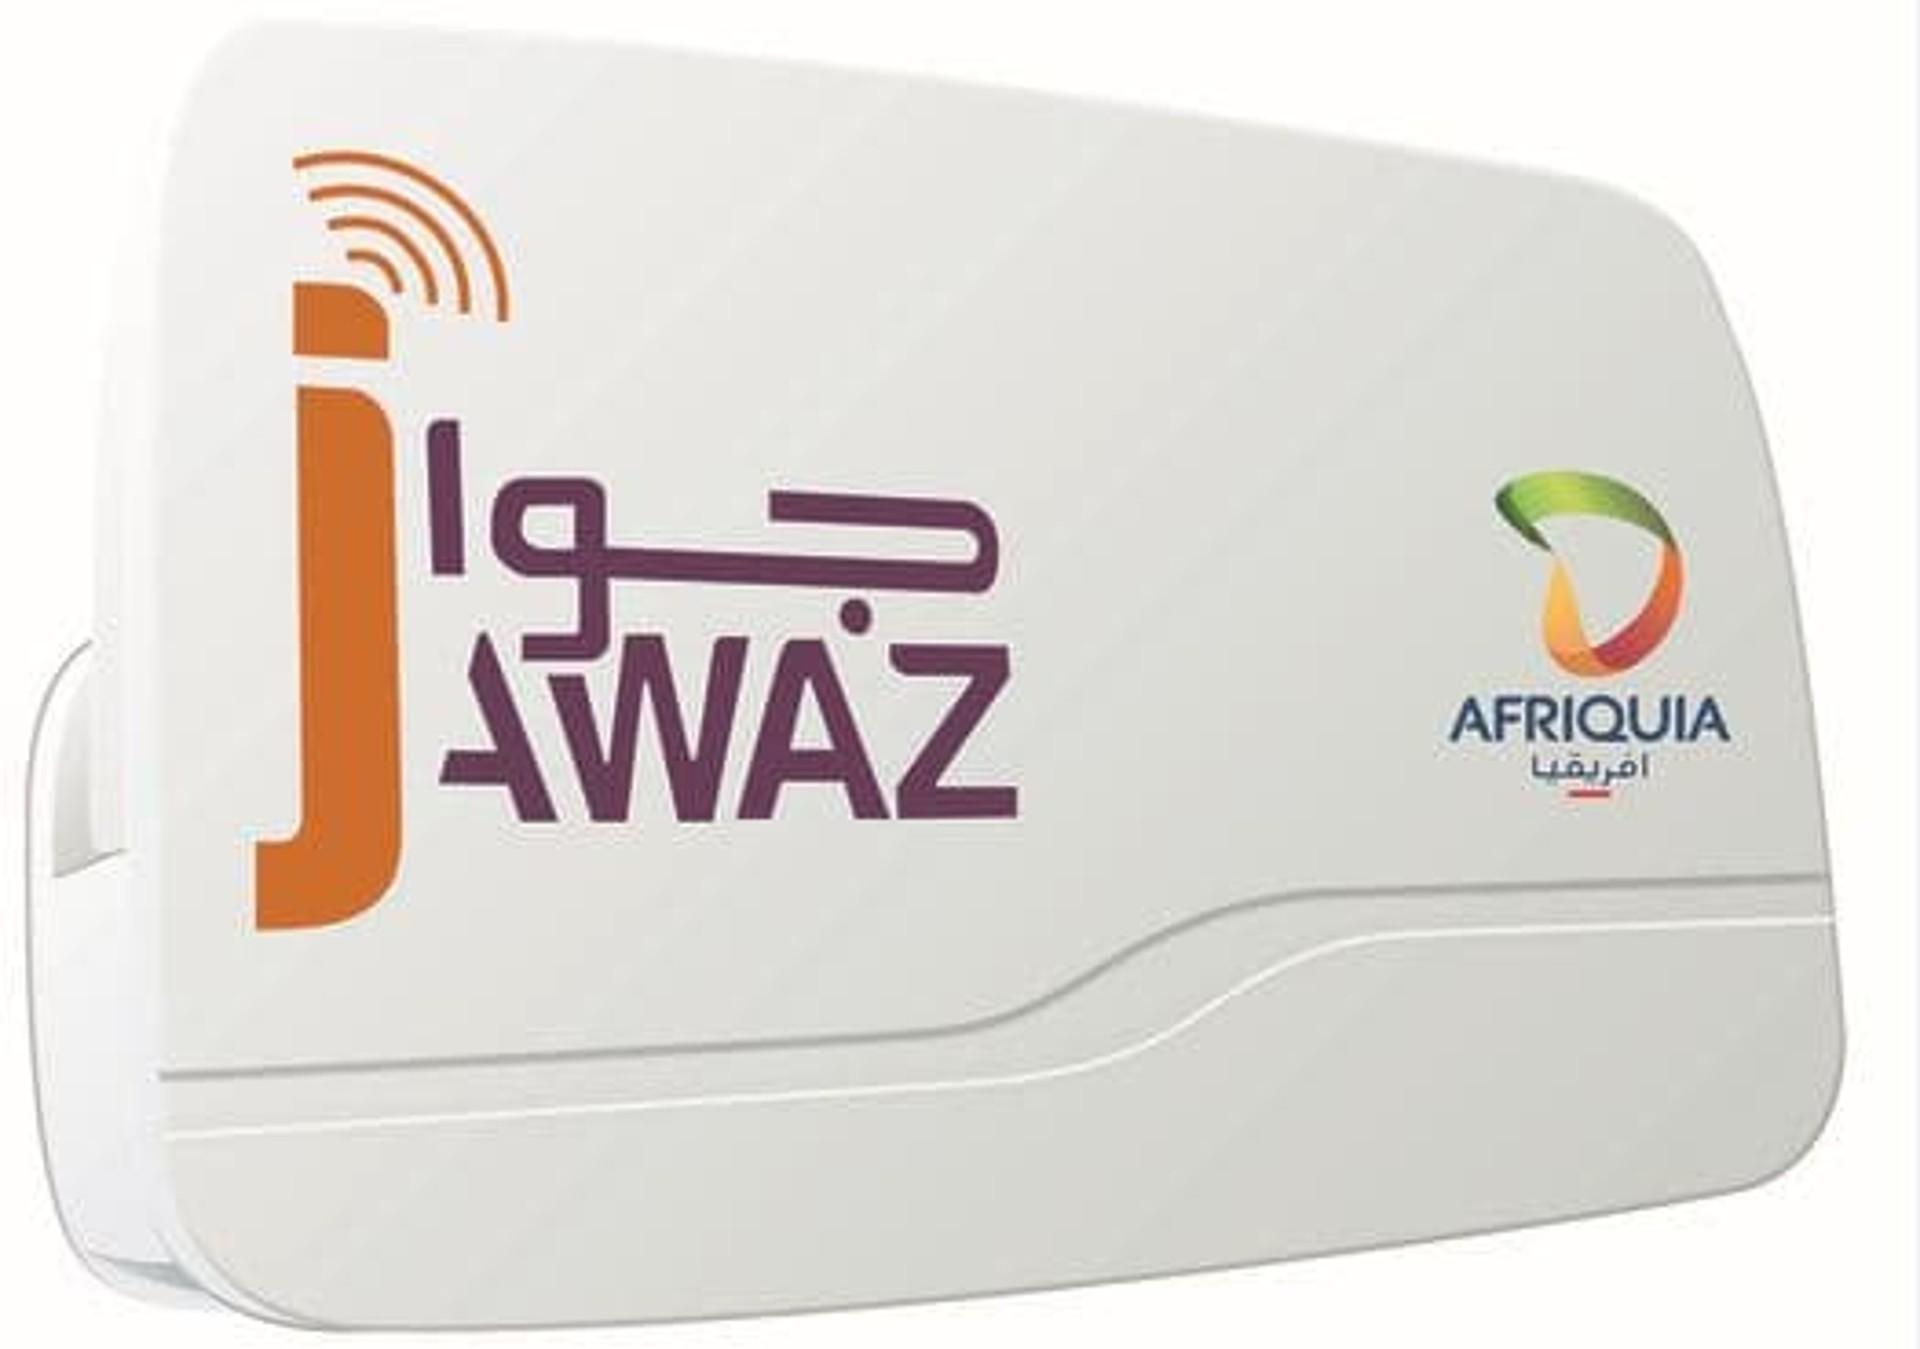 DKV Afriquia